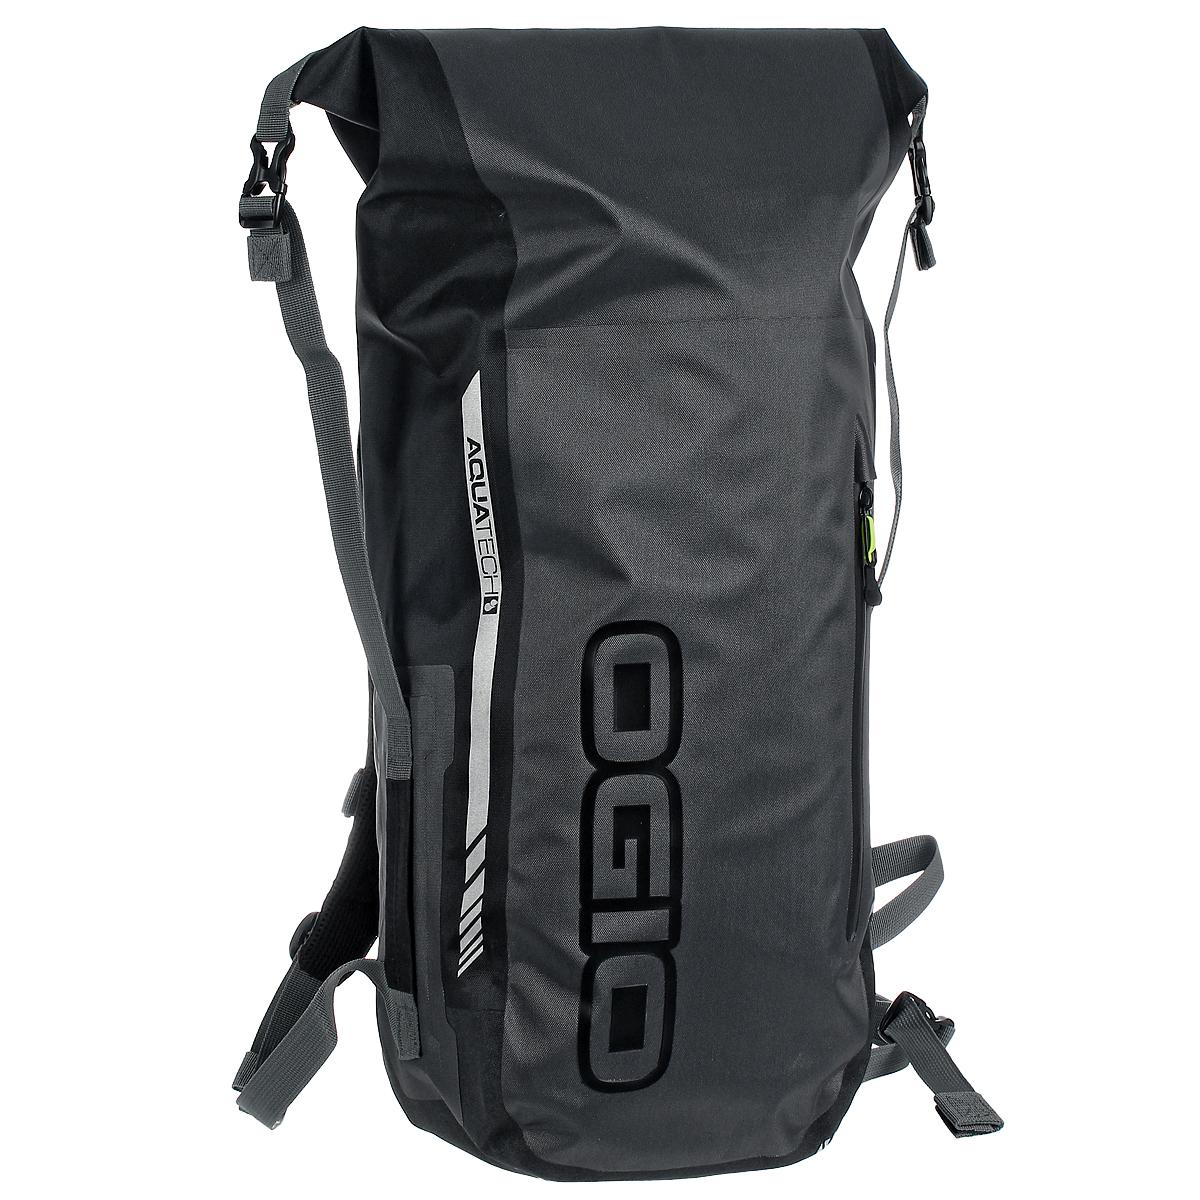 Рюкзак водонепроницаемый Ogio All Elements Pack Stealth, цвет: черный123009.36Ogio All Elements Pack Stealth - полностью водонепроницаемый рюкзак. Большое отделение для ноутбука и планшета. Фронтальный карман быстрого доступа на молнии для мелочей и аксессуаров с прорезиненной молнией. Специальный карман надежно разместит и защитит ноутбуки с диагональю экрана до 15. Двойные наплечные ремни и ремень на грудь с регулятором в двух направлениях. Теперь Вам не страшны дожди и вода, вещи останутся сухими!